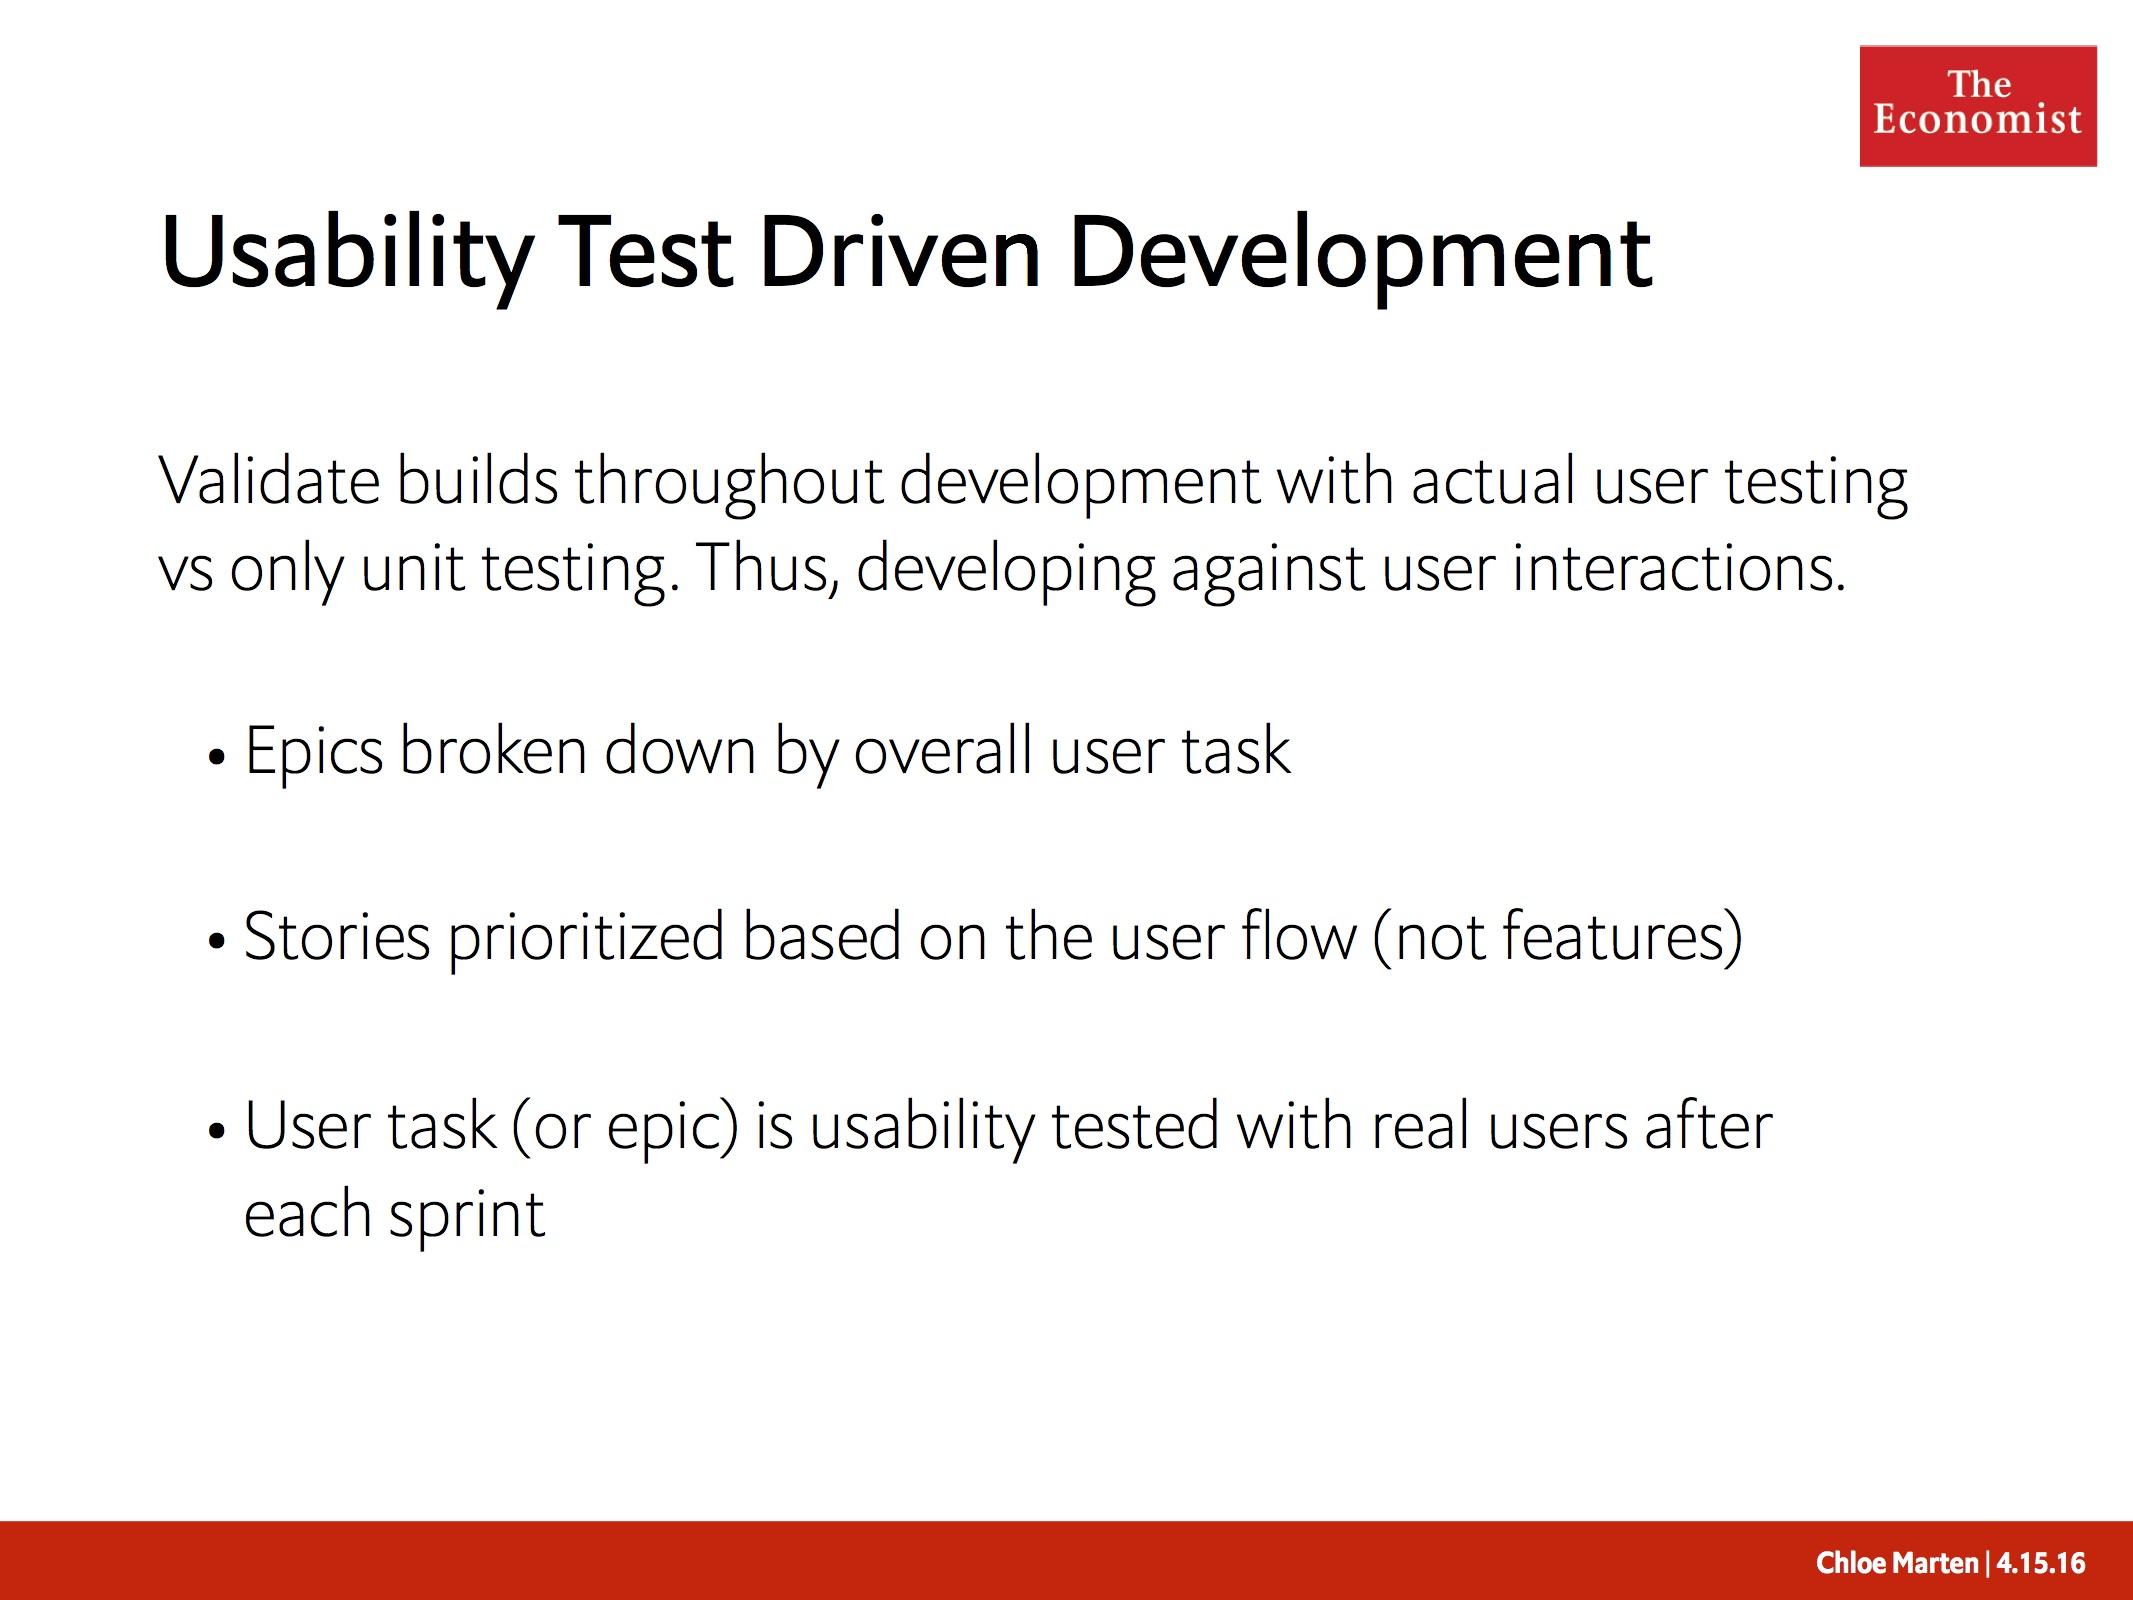 UTDD_Presentation4.jpg